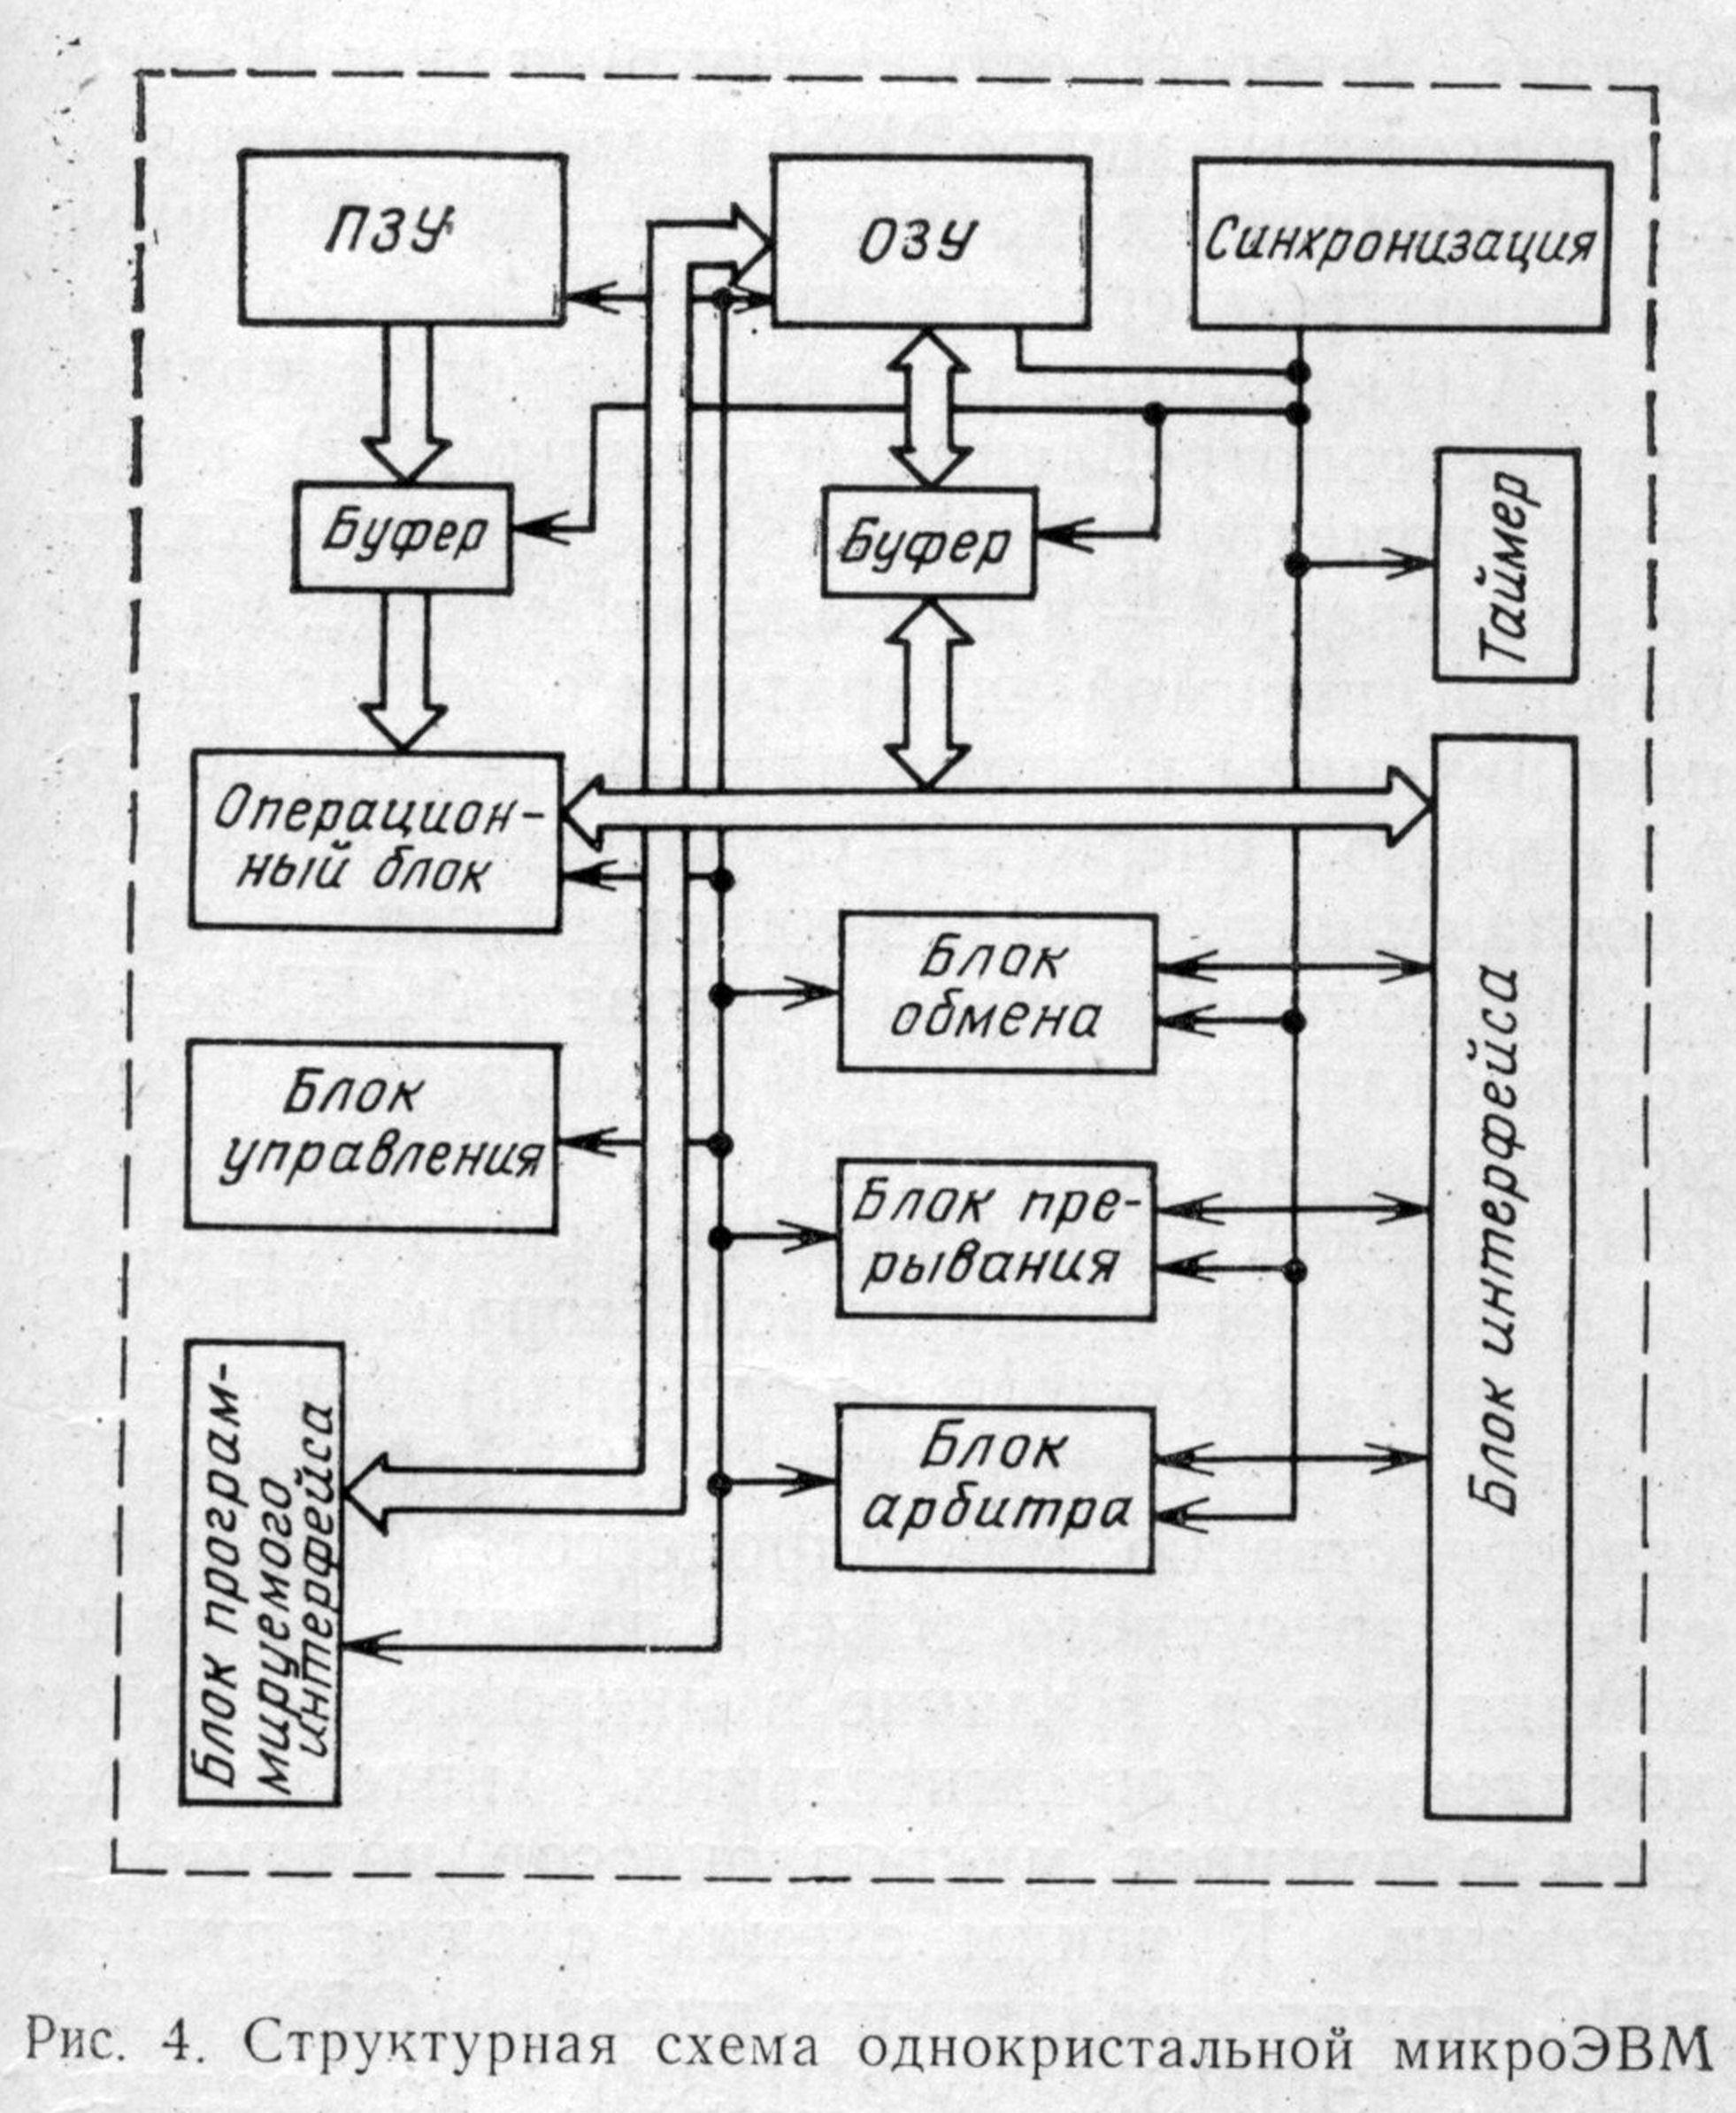 операционный блок схема